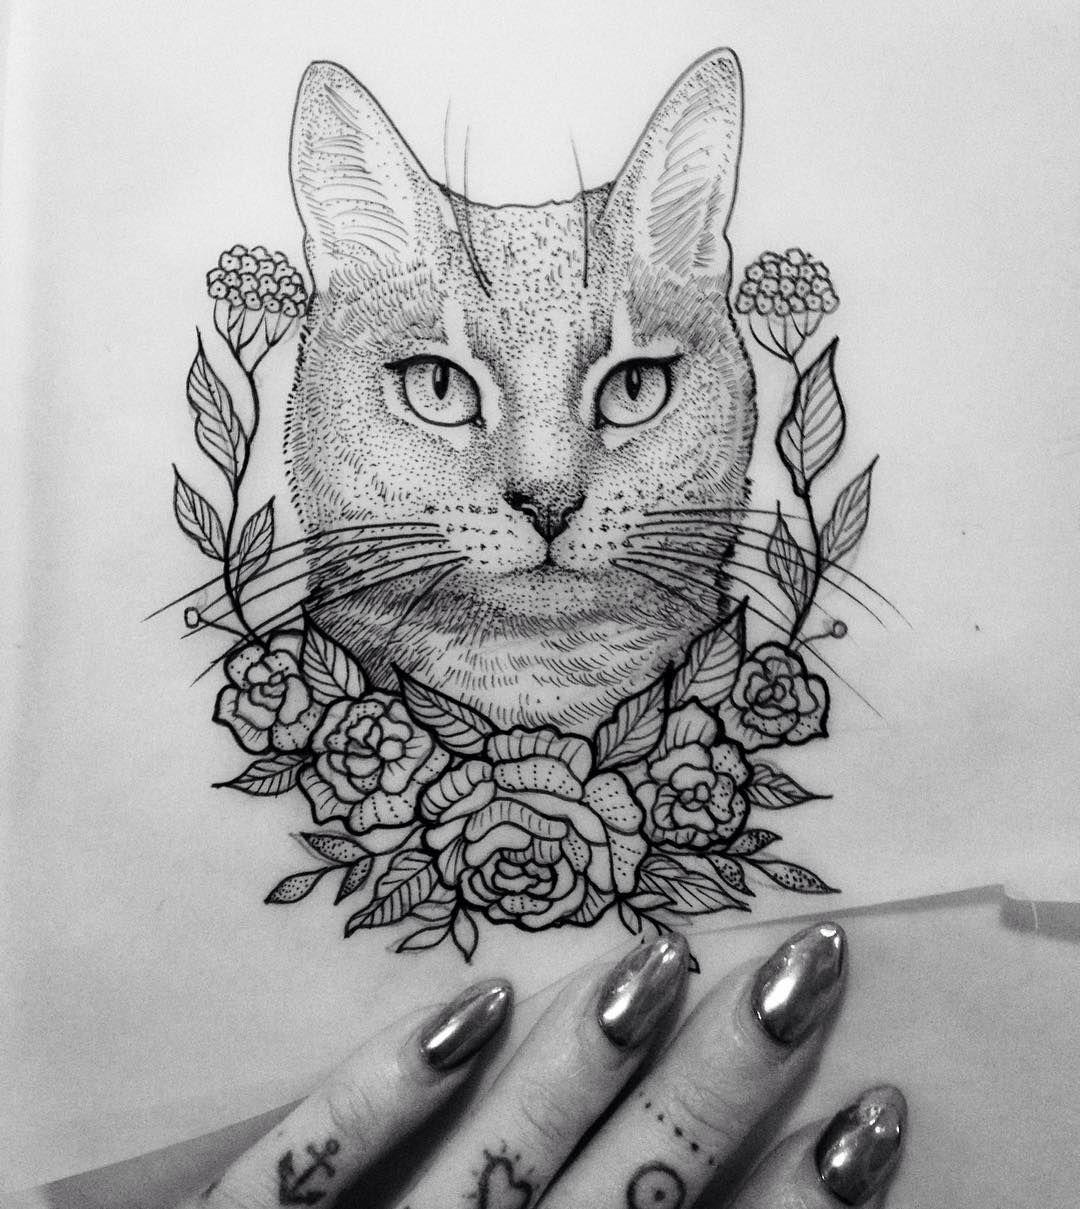 Illustration Cat Flower Dot Neotraditionel Neotraditional Neo Traditionel Draw Drawing Tattoo Ink Tattooe Cat Tattoo Designs Cat Tattoo Animal Tattoos